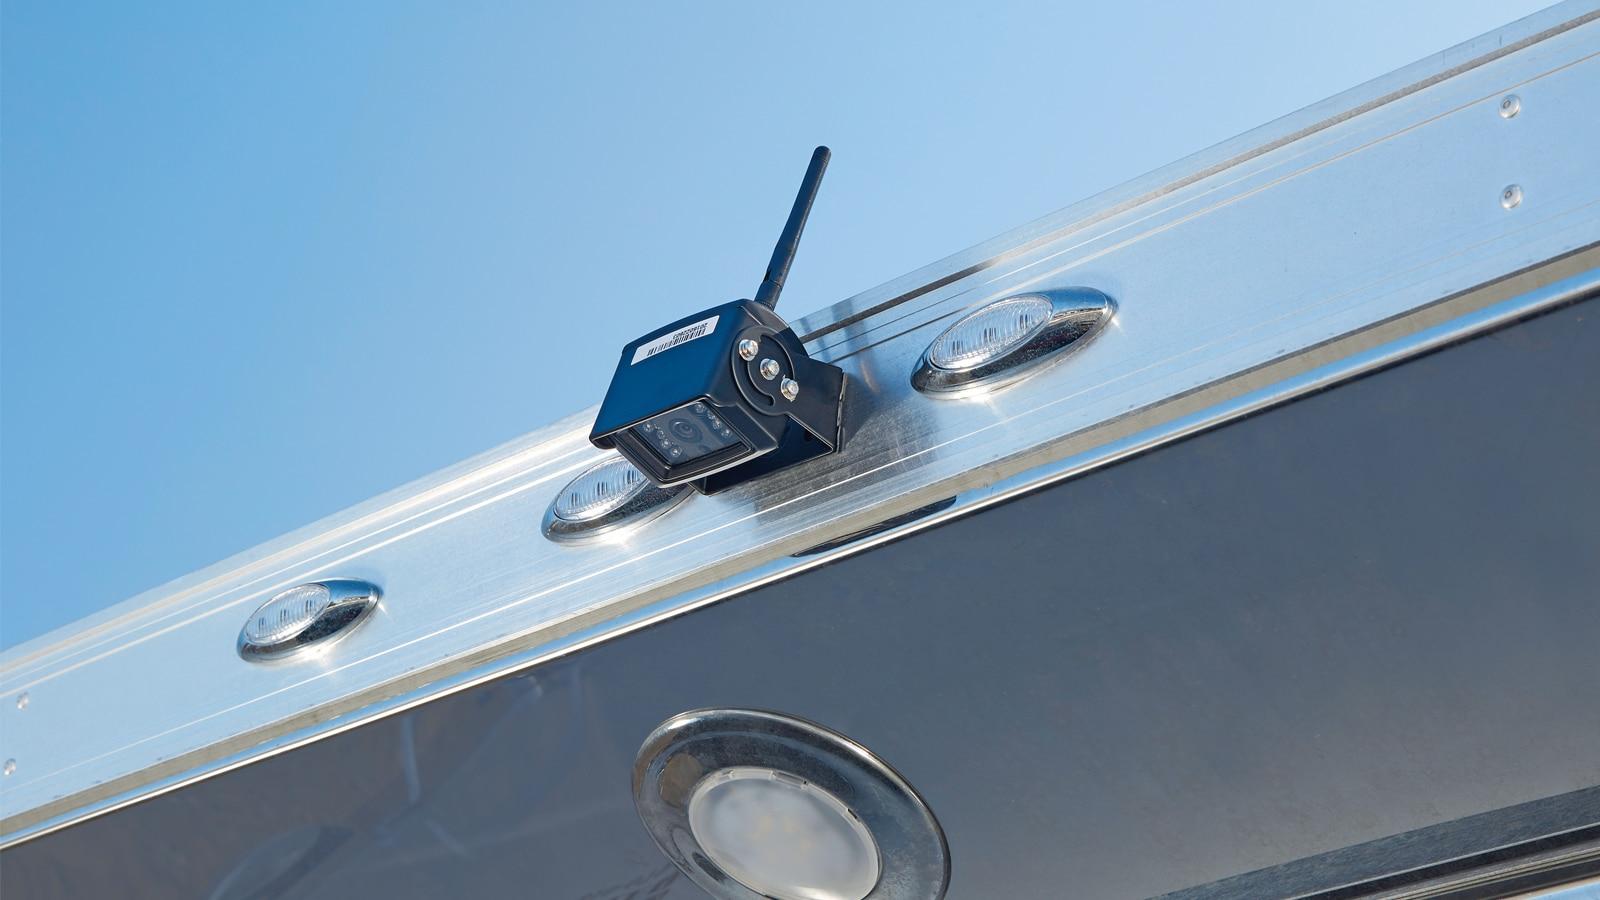 Primer plano de la cámara EchoMaster montada sobre el remolque.